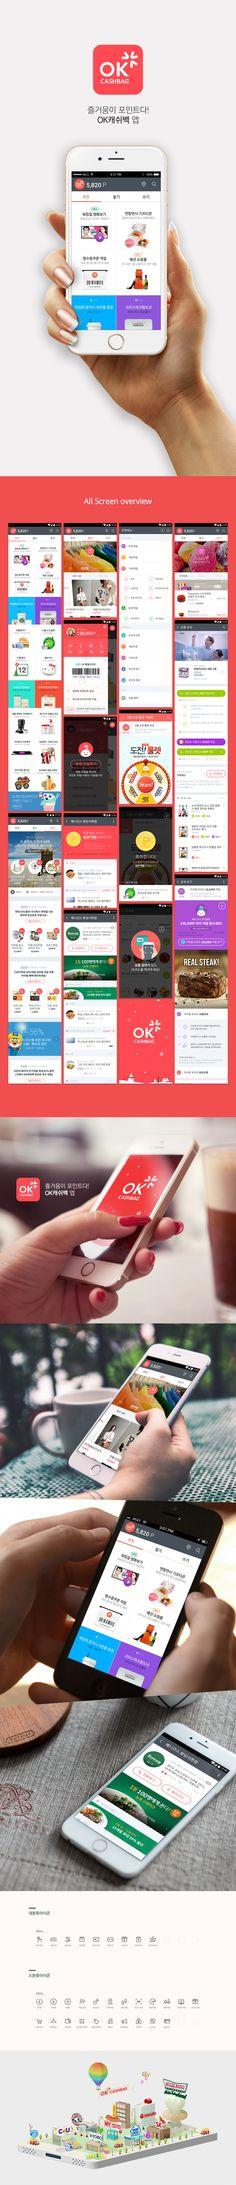 OK Cashbag App UX Design on Behance